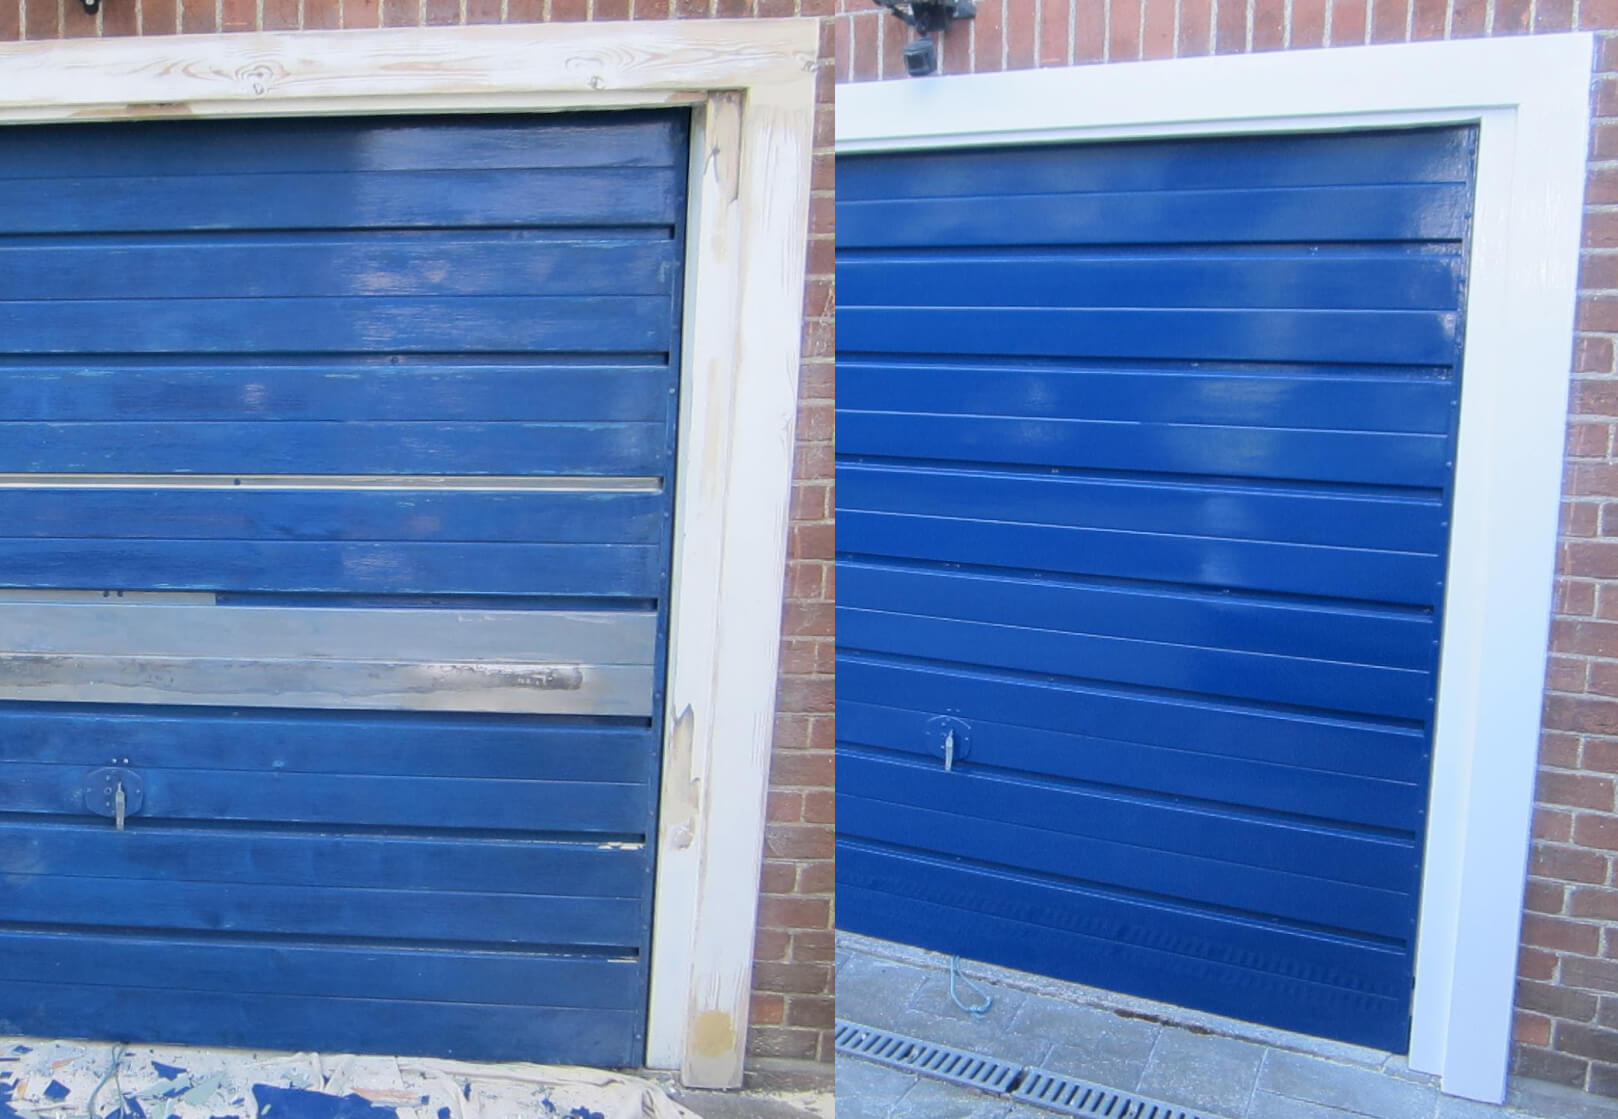 How to paint a metal garage door